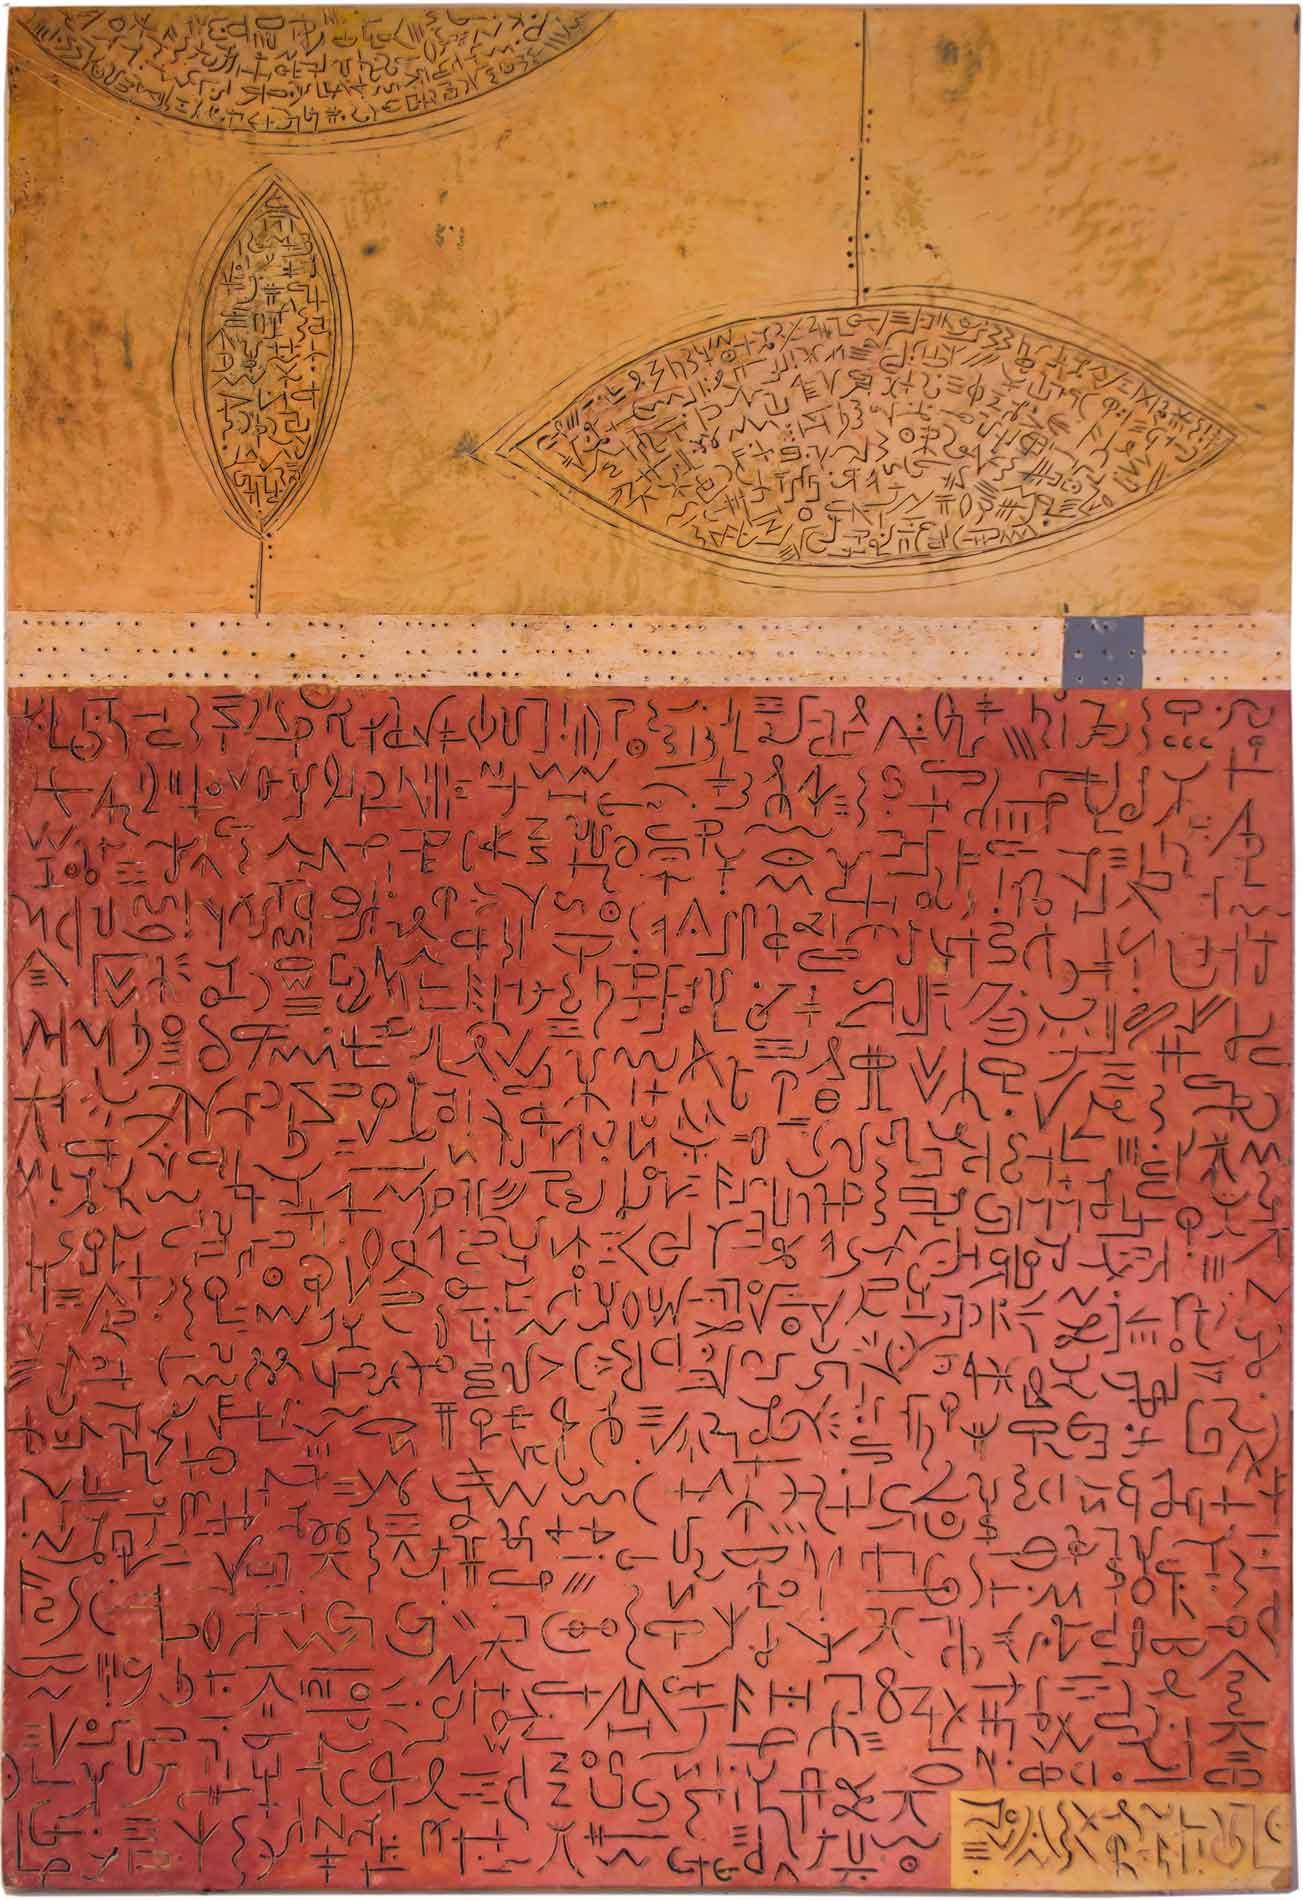 Seeds of Language